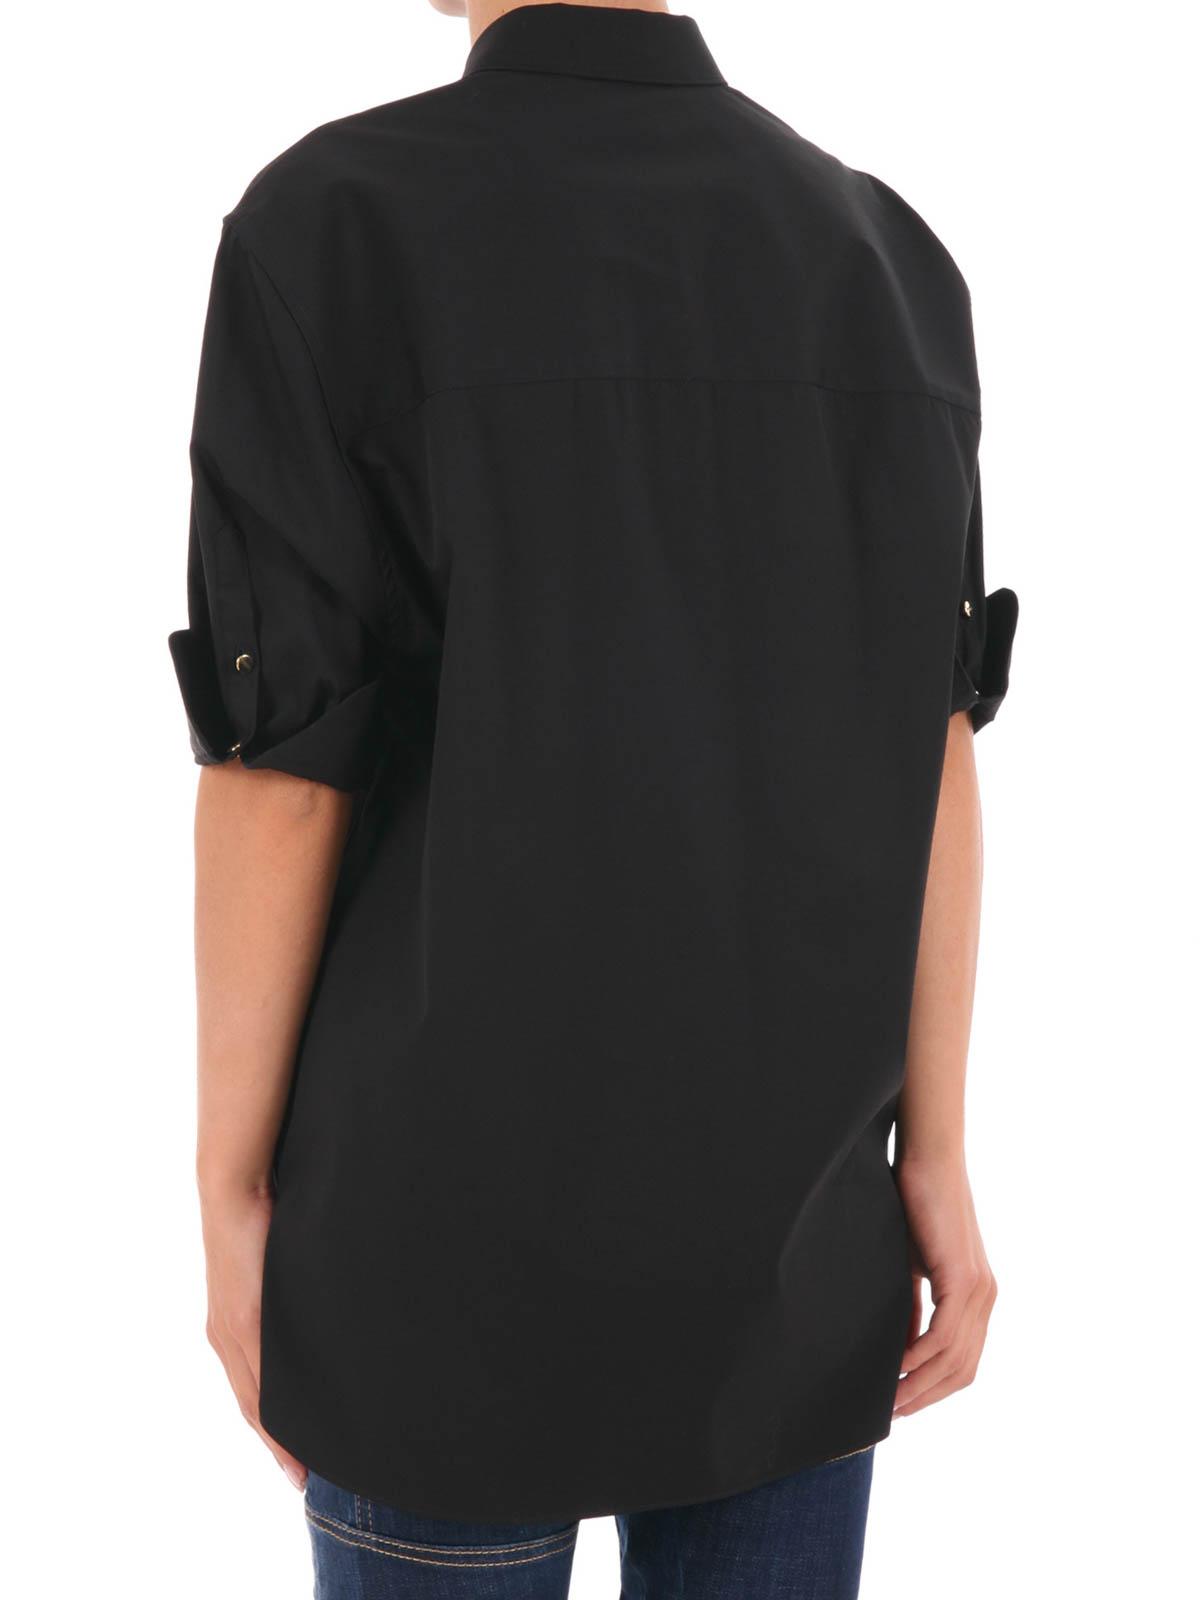 281ea2aff7aff Neil Barrett - Camisa Negra Para Mujer - Camisas - PNCM156 01 ...